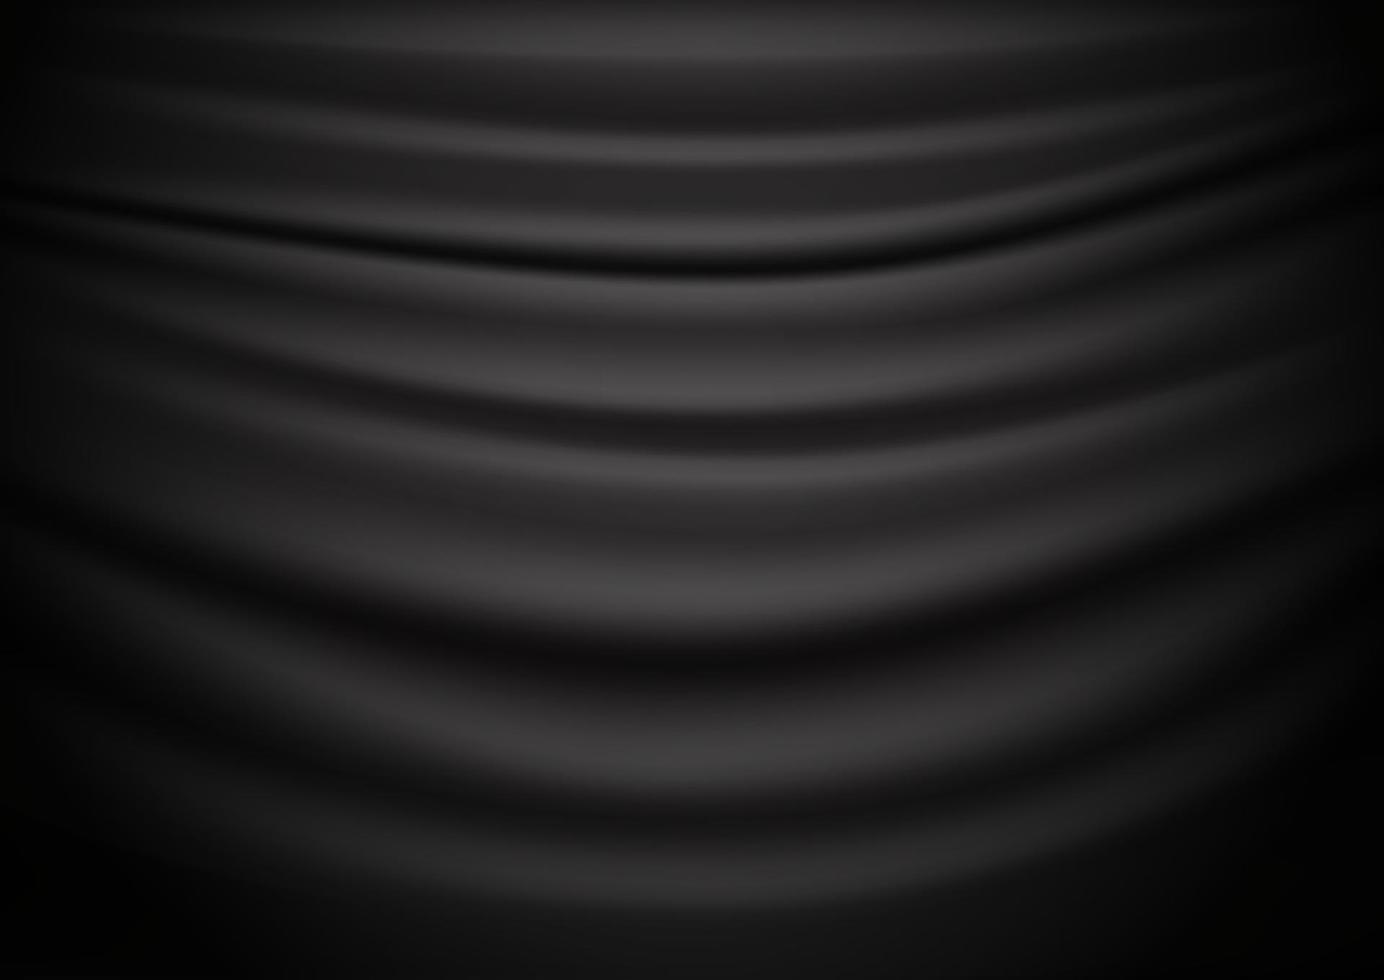 abstrakter Vektorhintergrund des schwarzen Vorhangs vektor